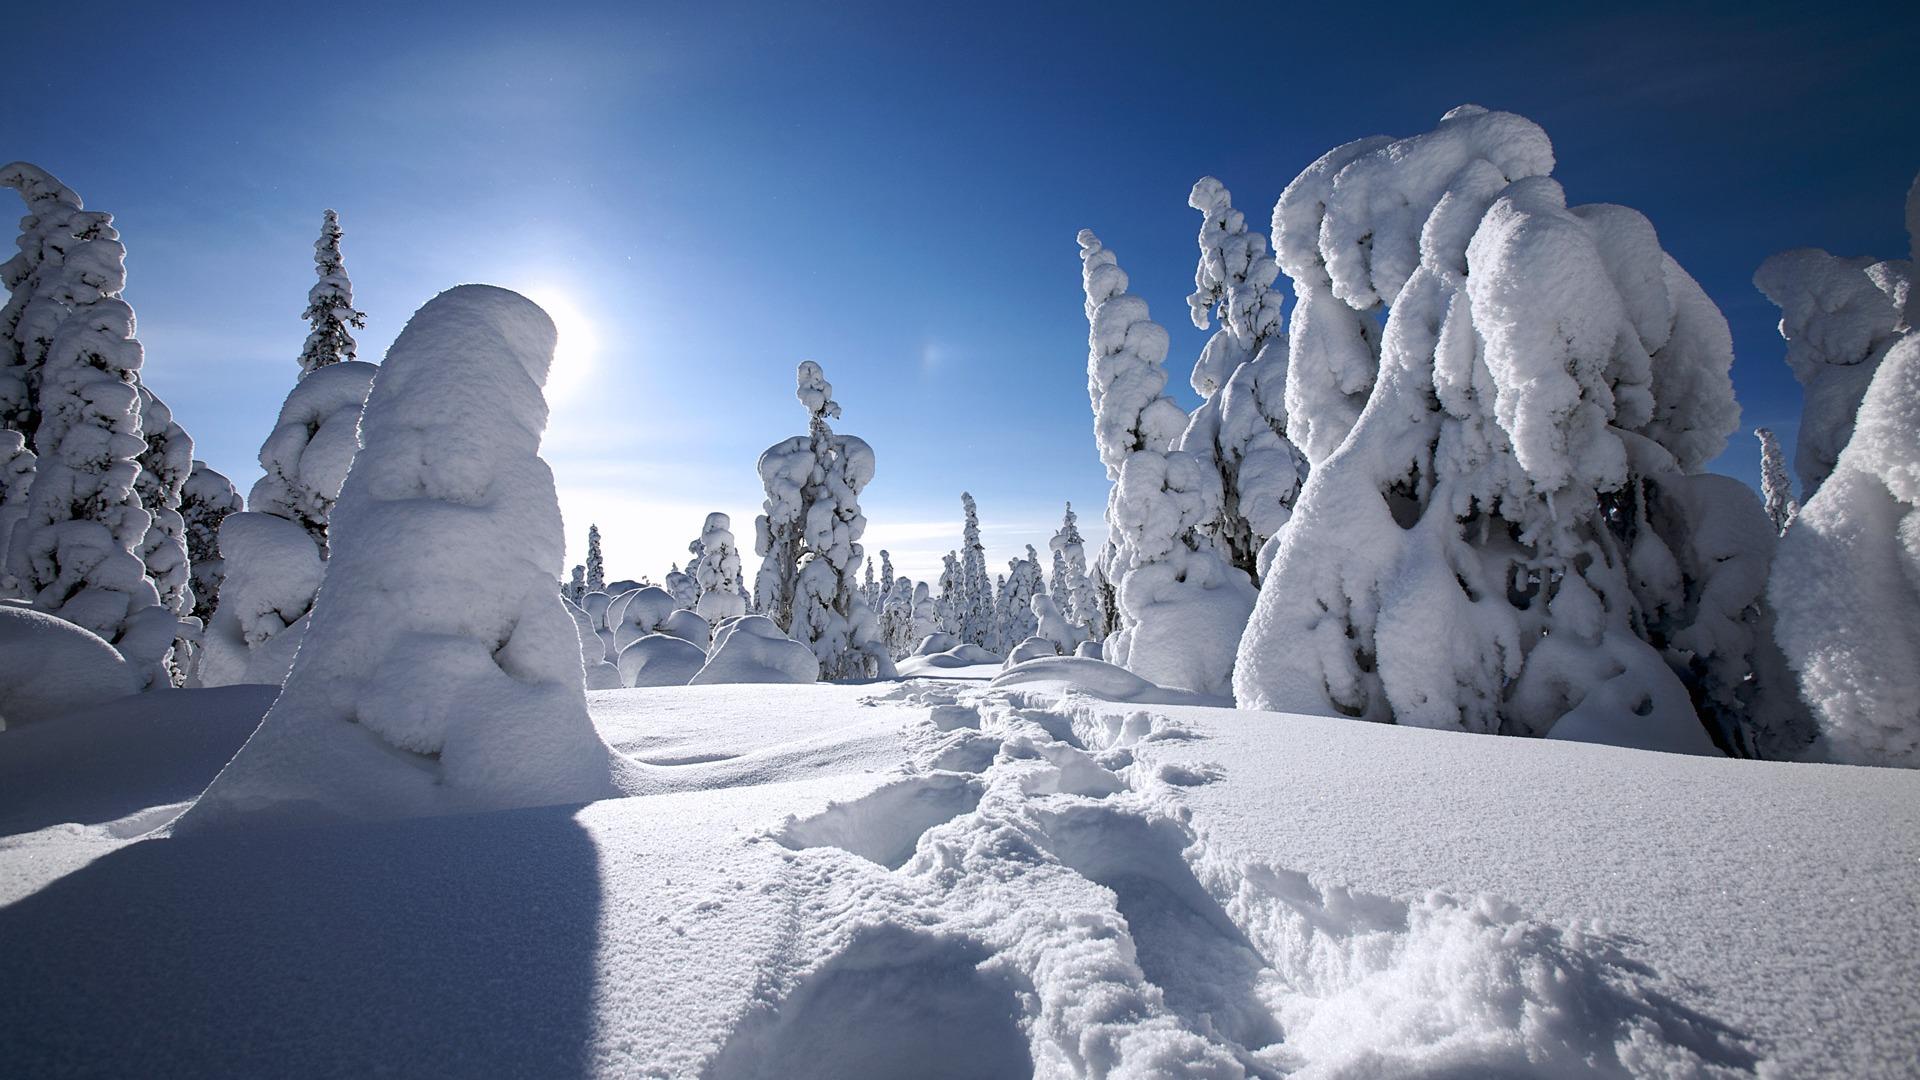 フィンランドのラップランドの雪で覆われた壁紙プレビュー 10wallpaper Com